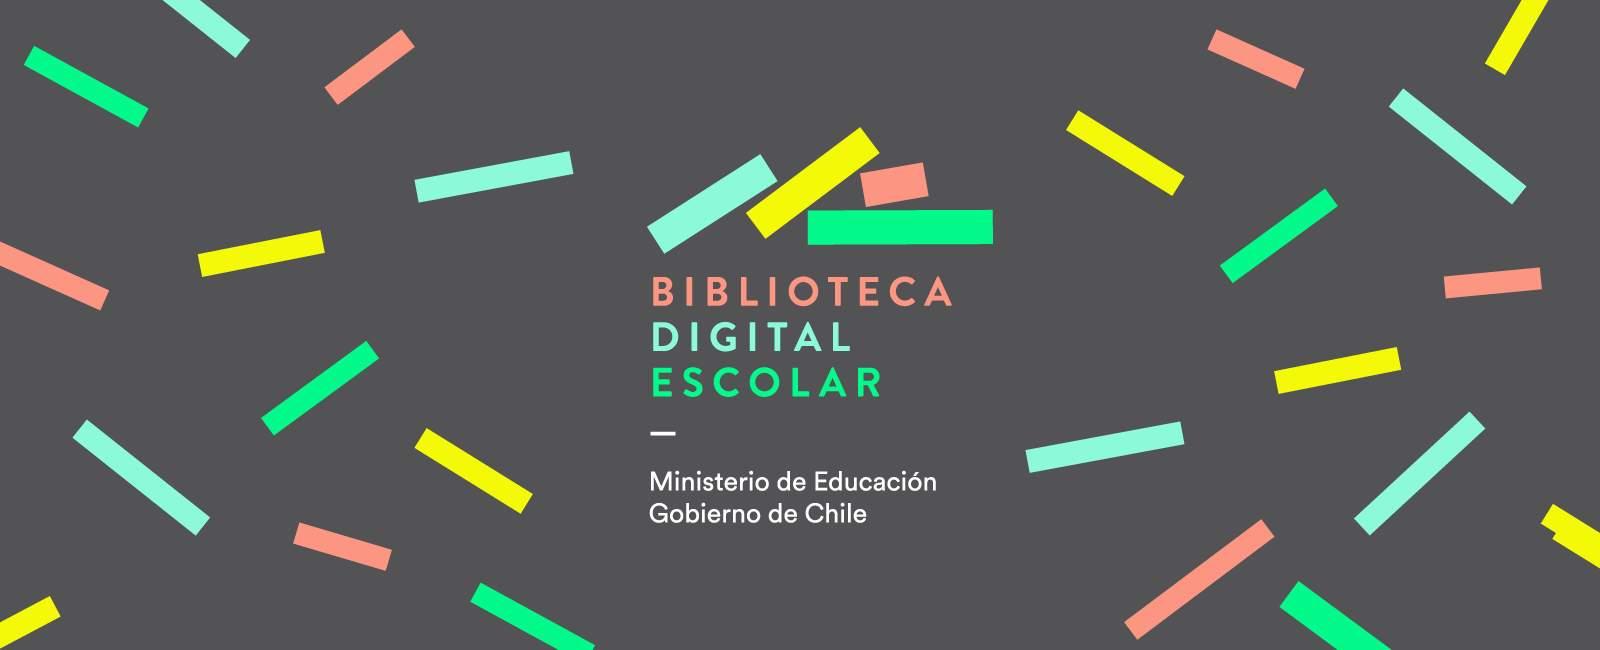 Por primera vez, los textos escolares de todas las asignaturas están disponibles online en la Biblioteca Digital Escolar